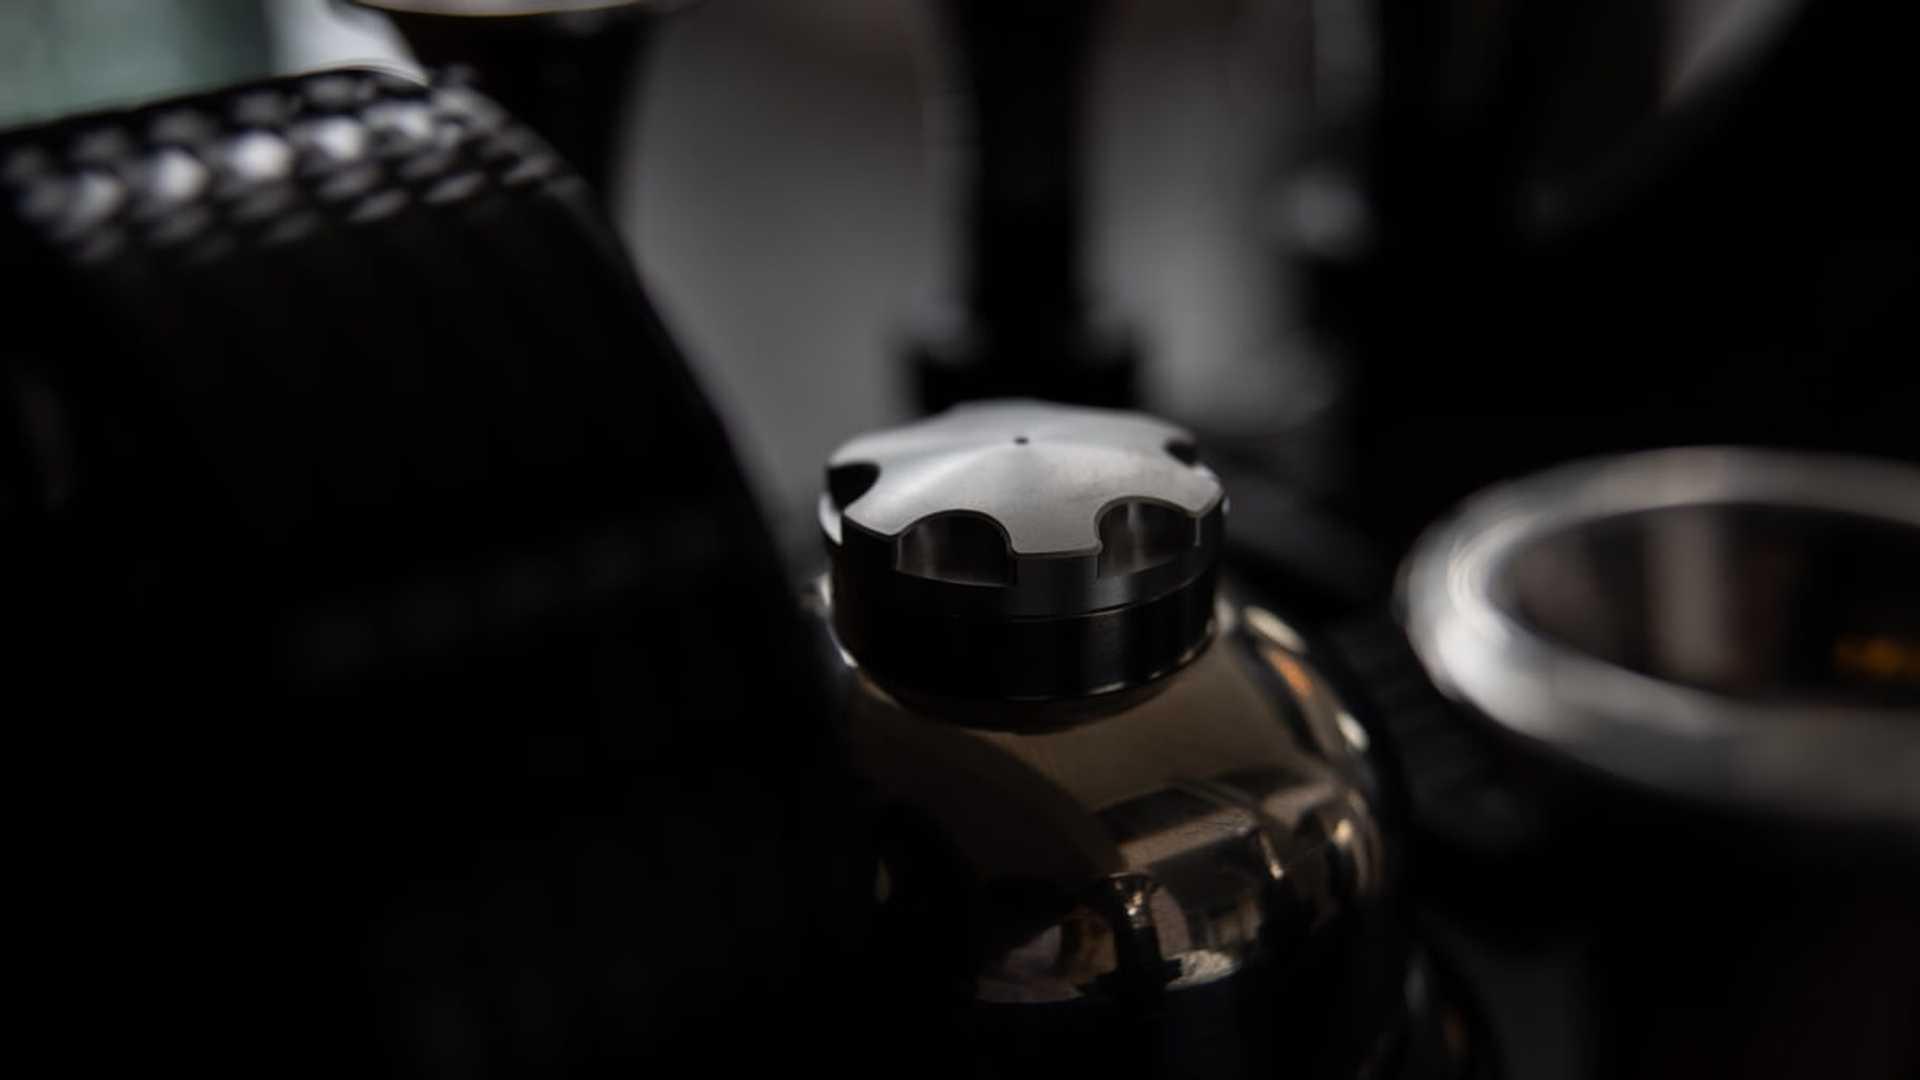 super-veloce-espresso-veloce-rs-black-edition-5